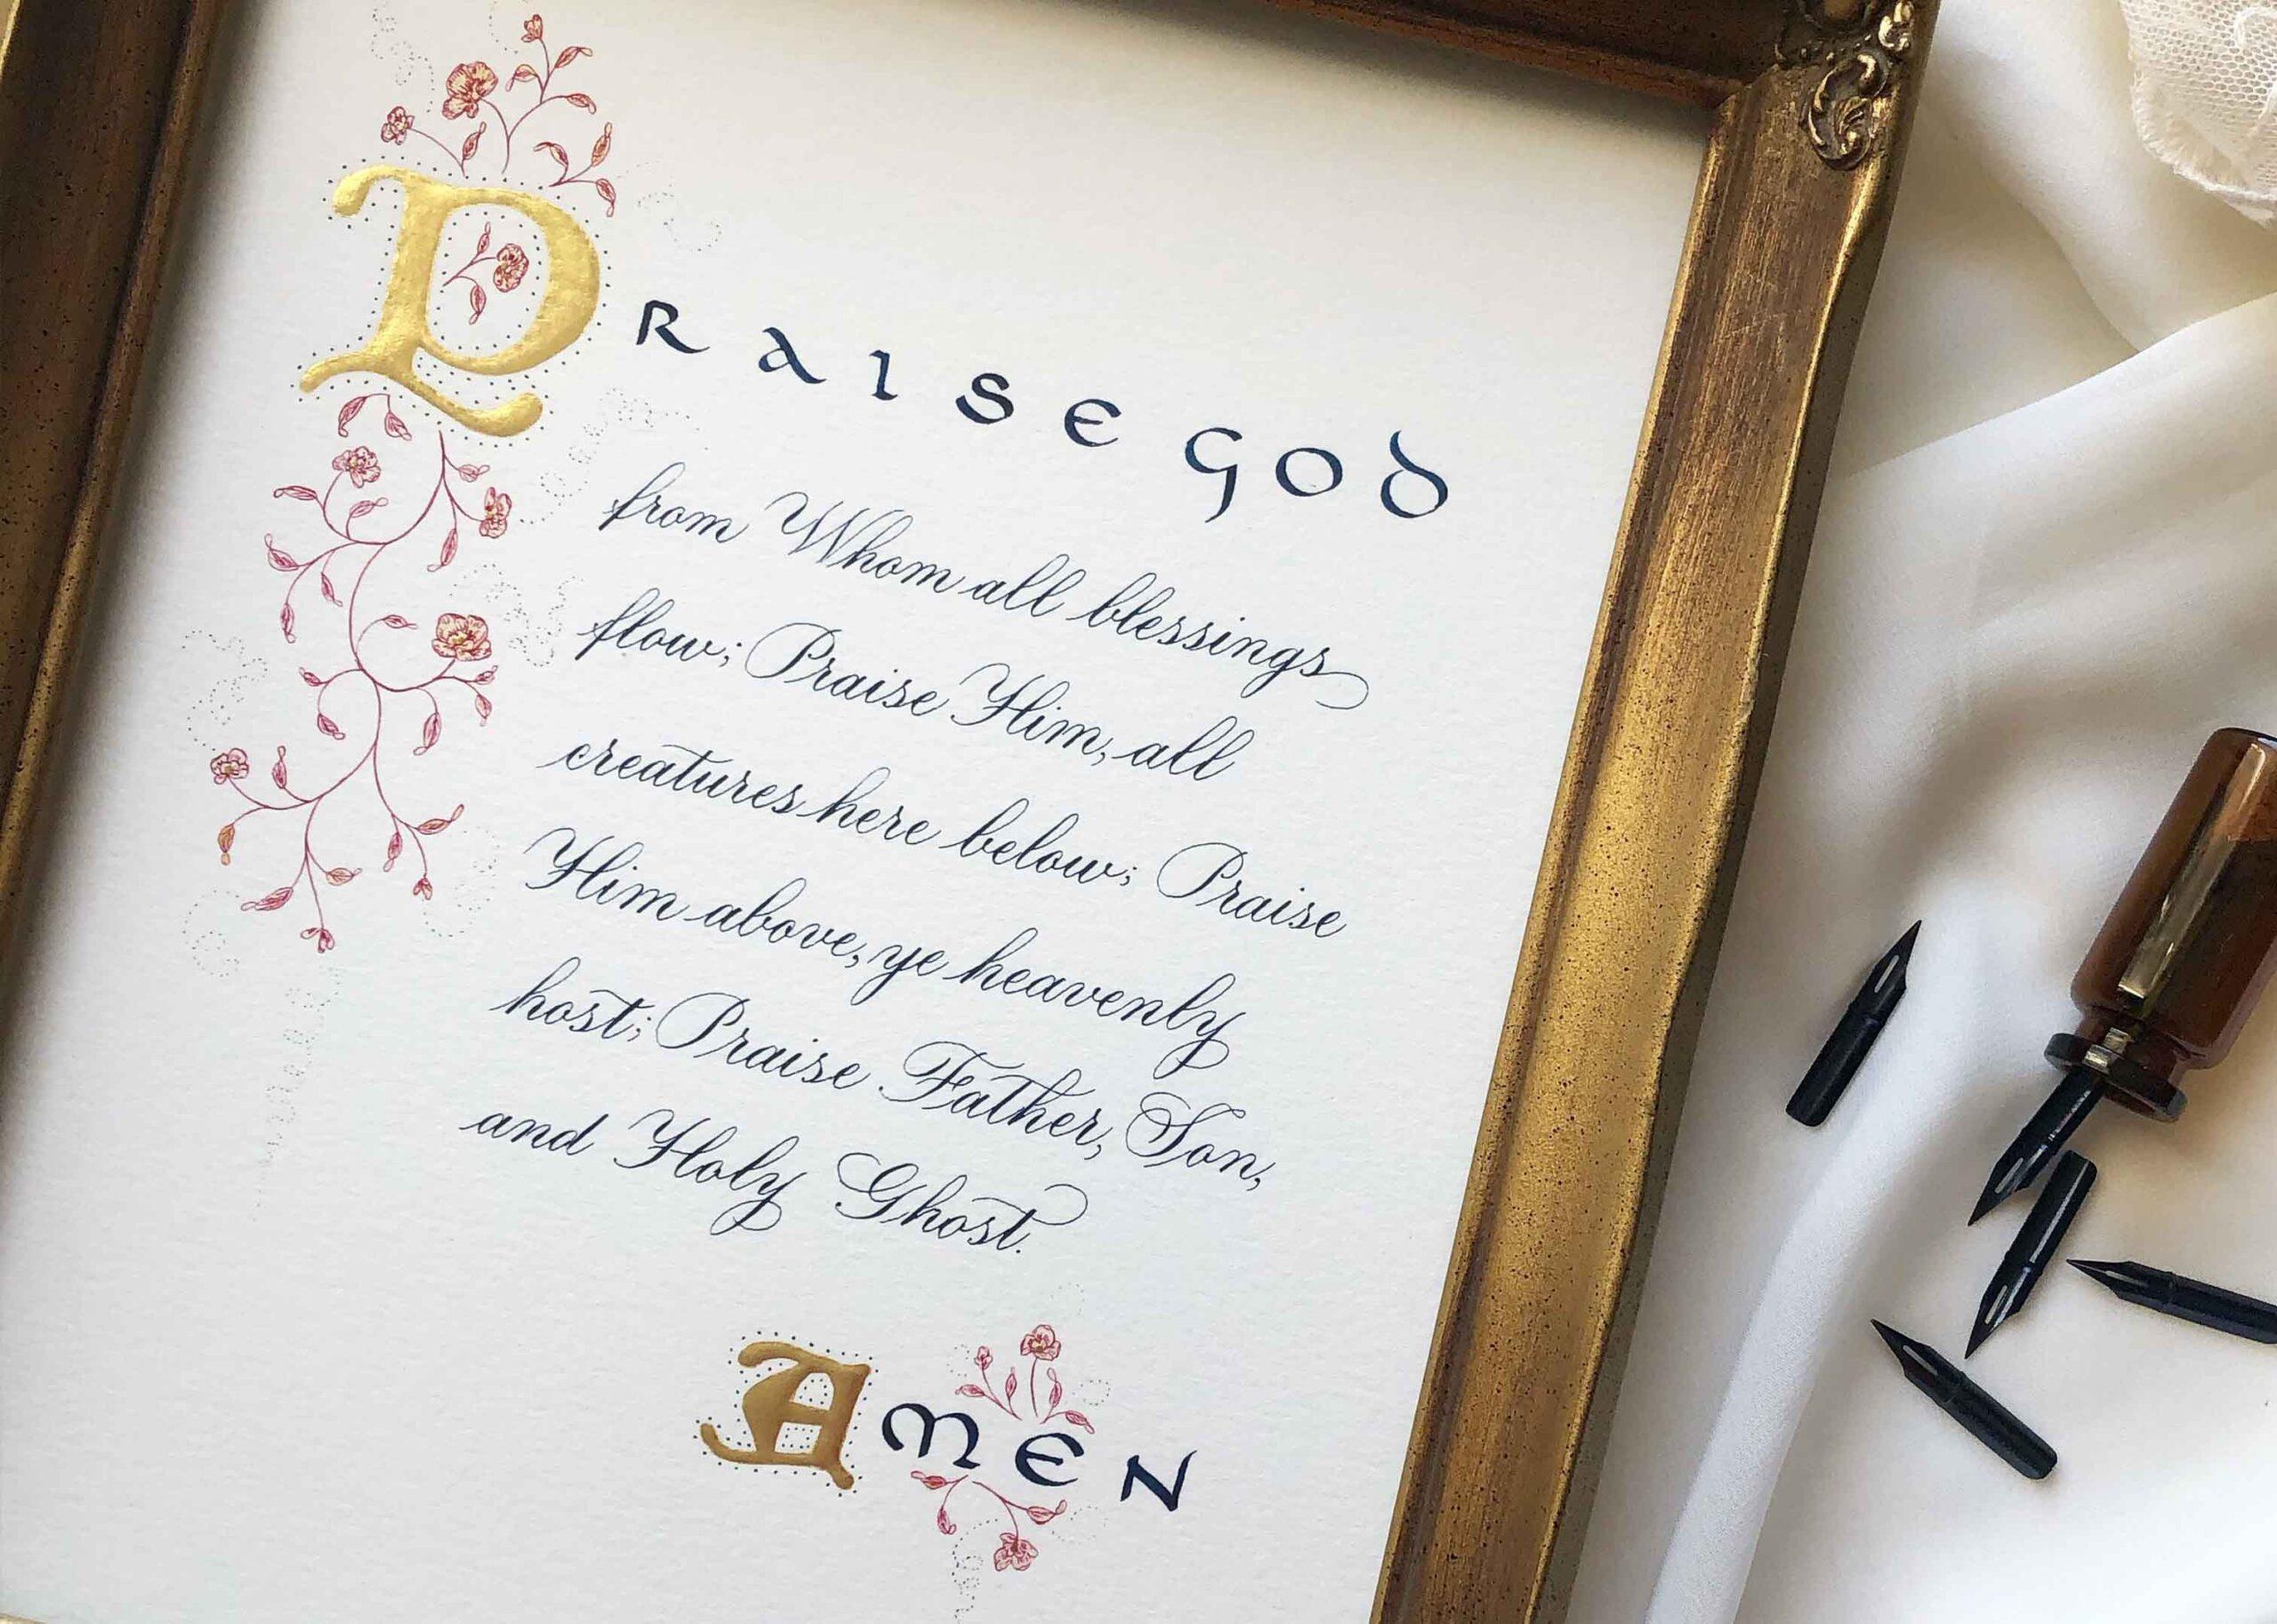 Allocco Design Norfolk, VA Calligraphy | Gilded Bible Verse